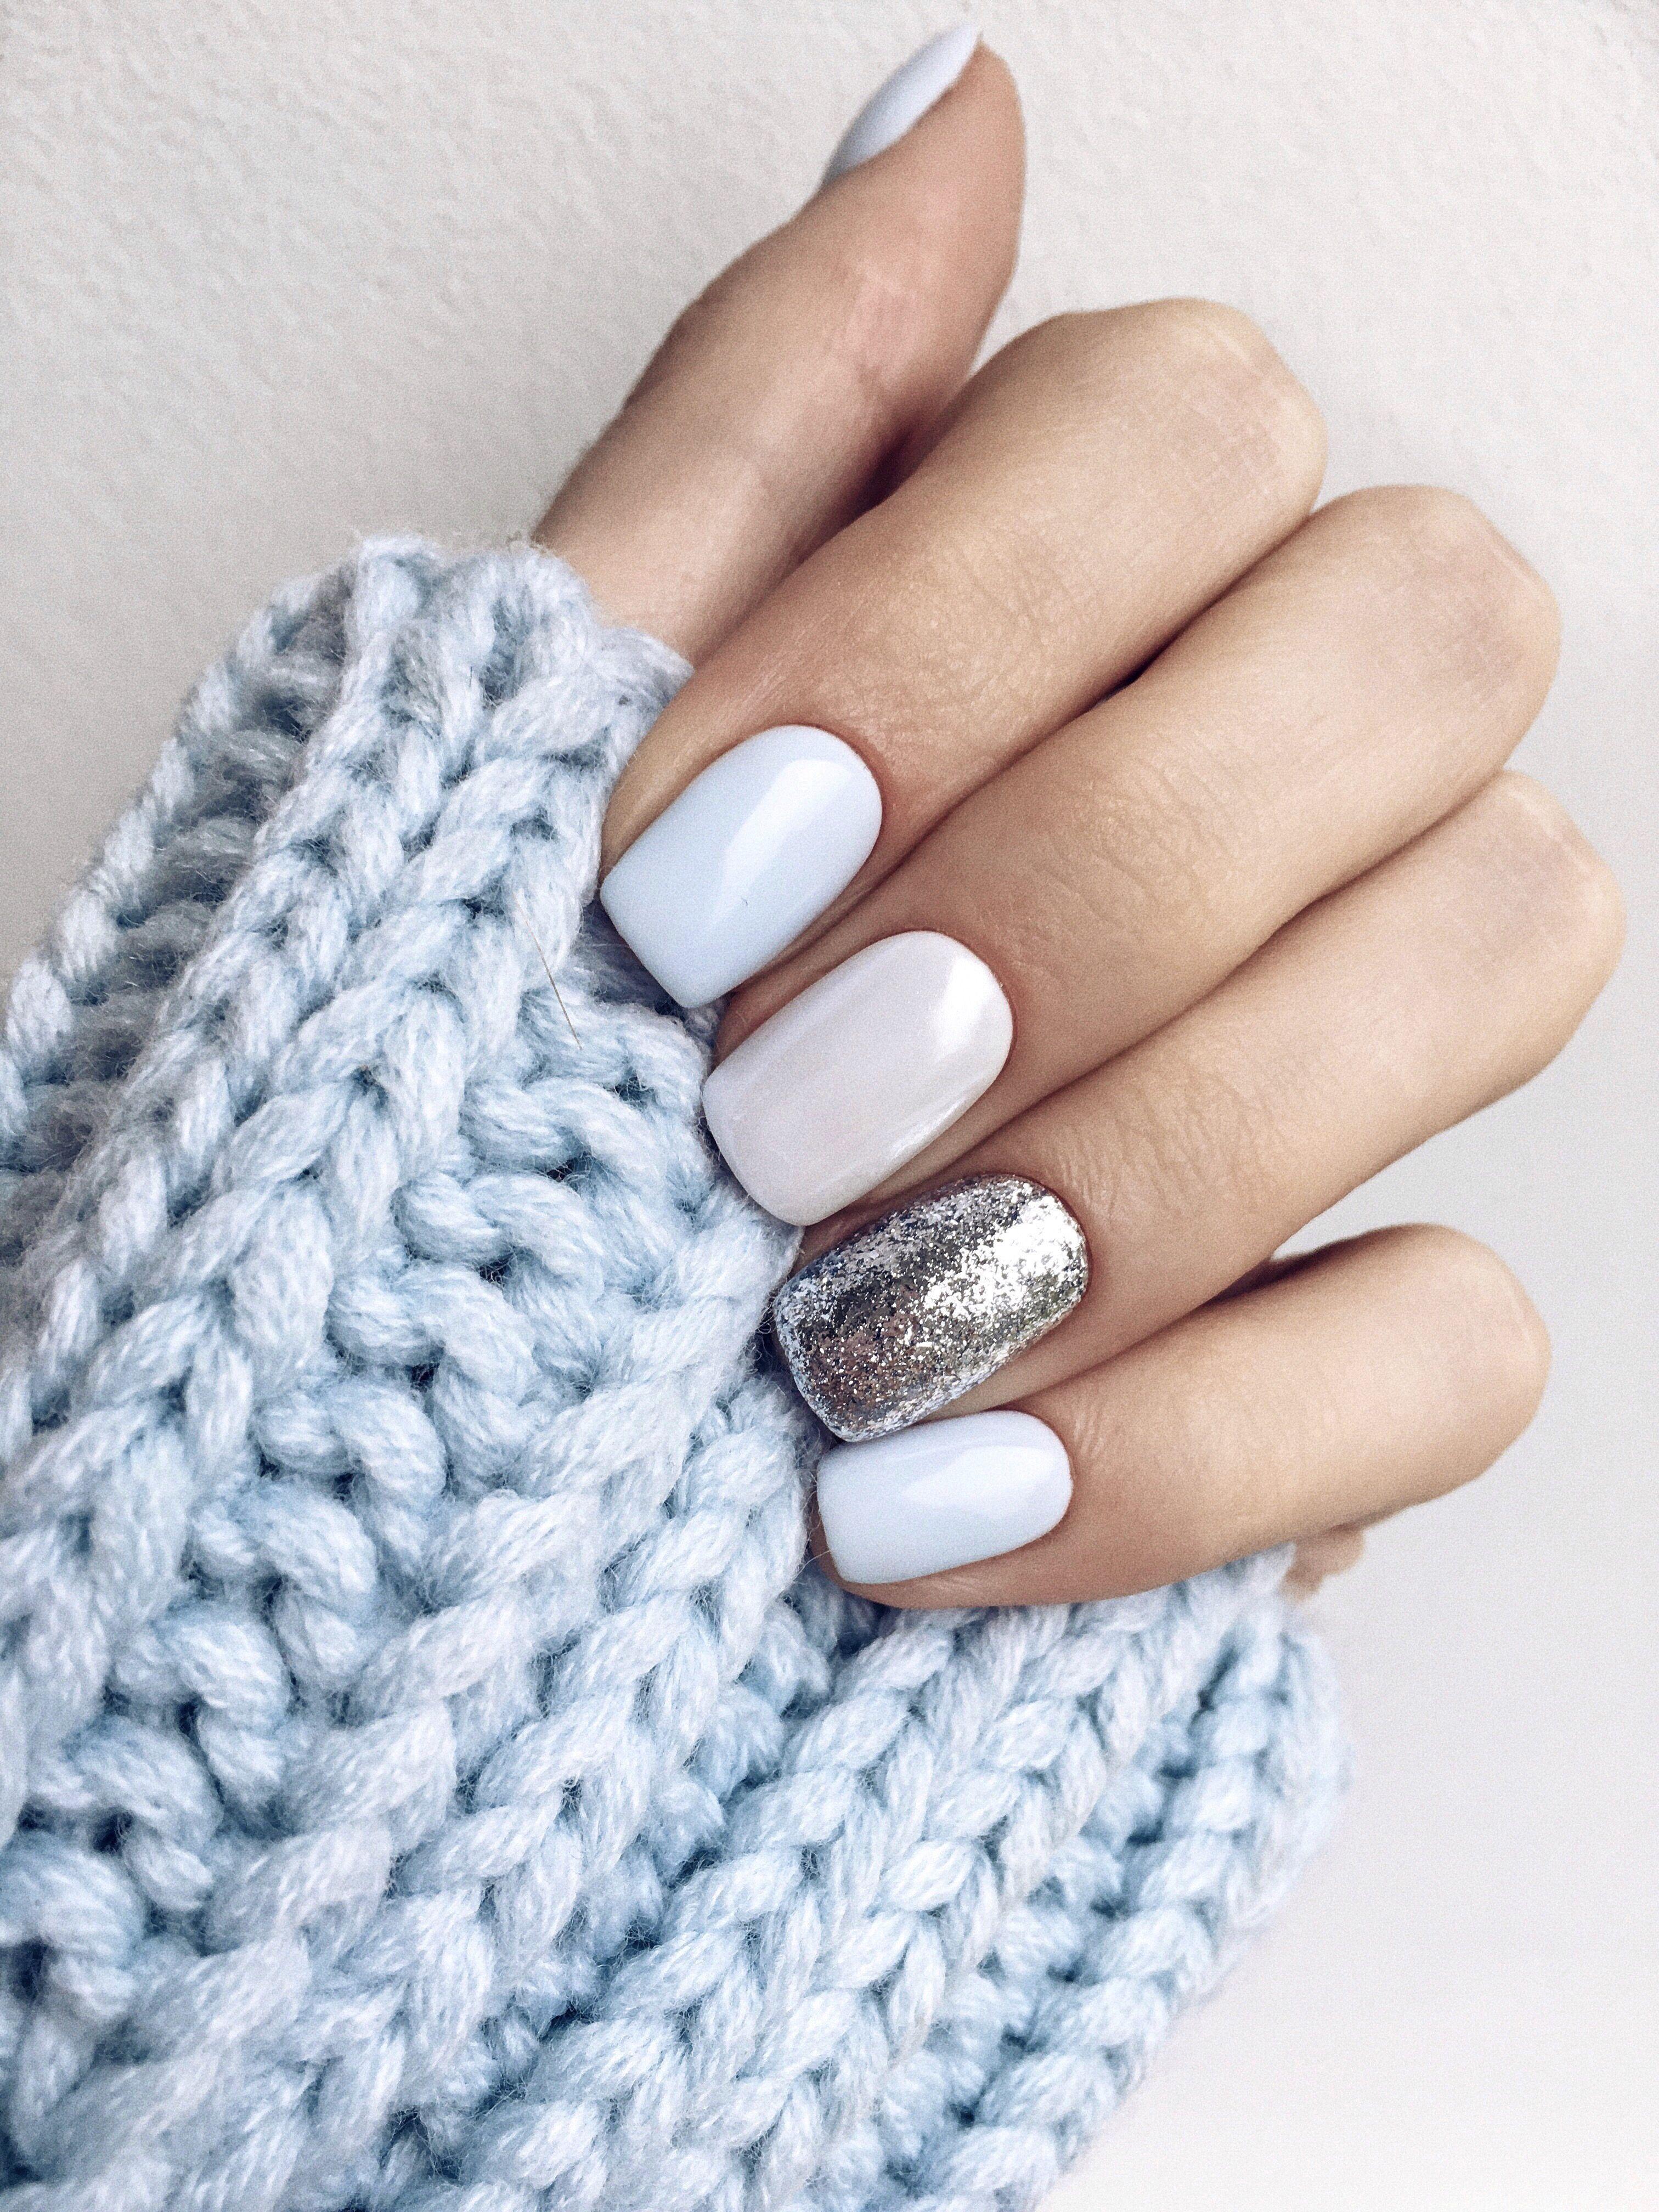 Winter Nails Shellac Nails At Home Elegant Nails Shellac Nails